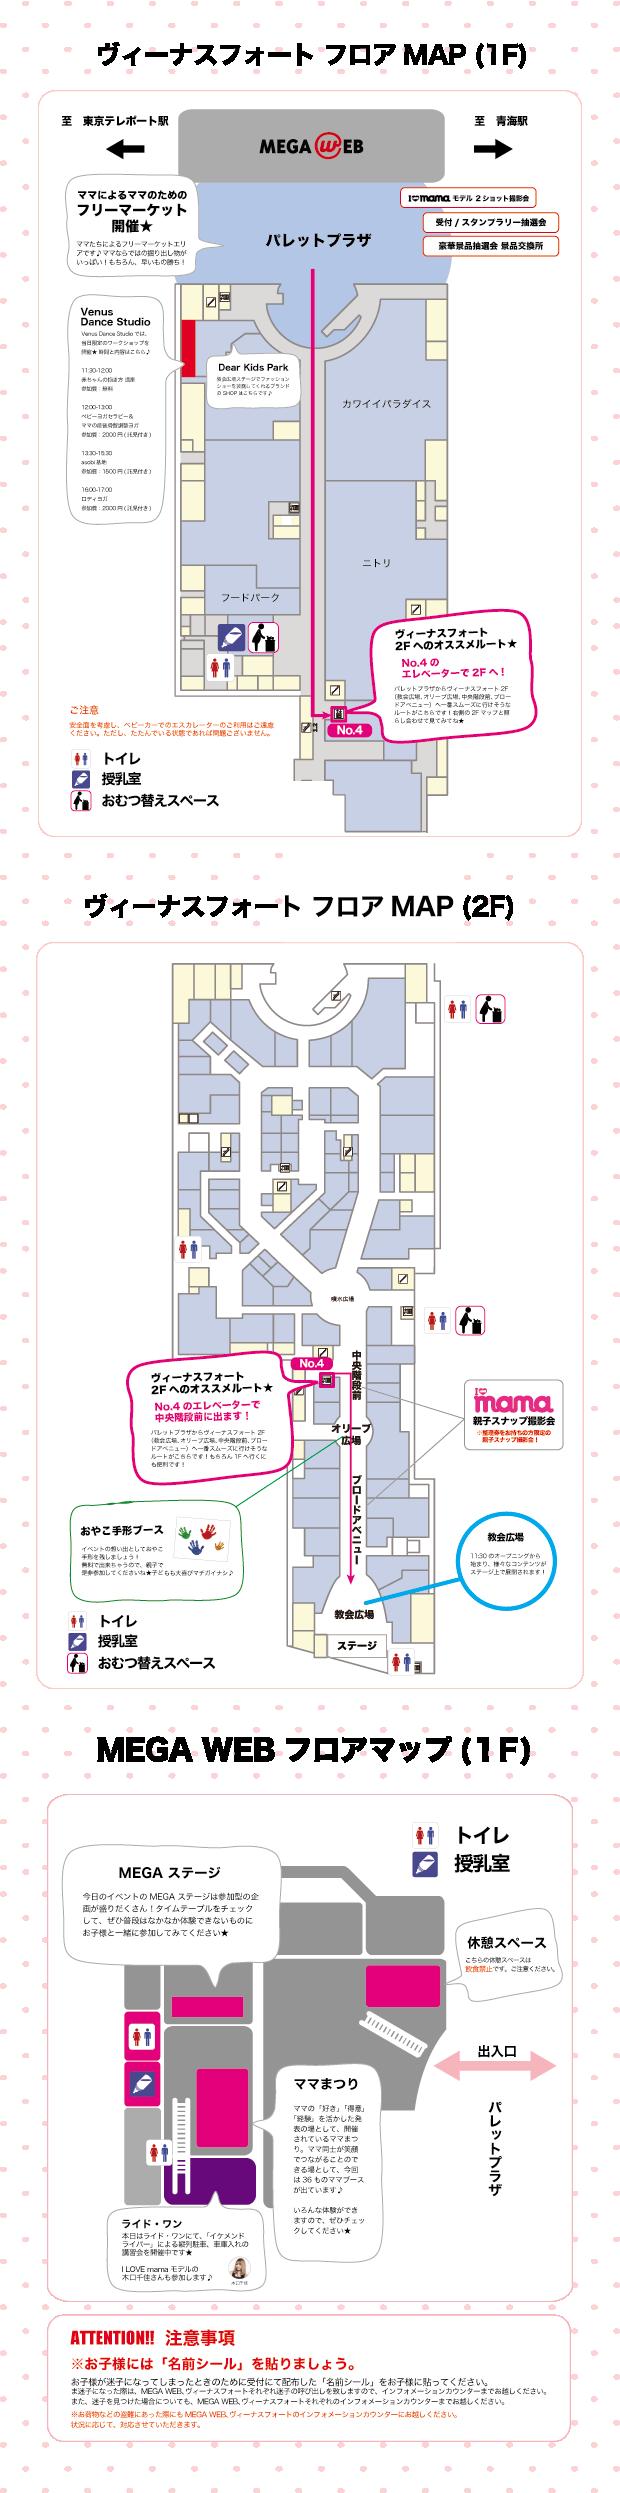 イベント内容・会場MAPはこちら★_5